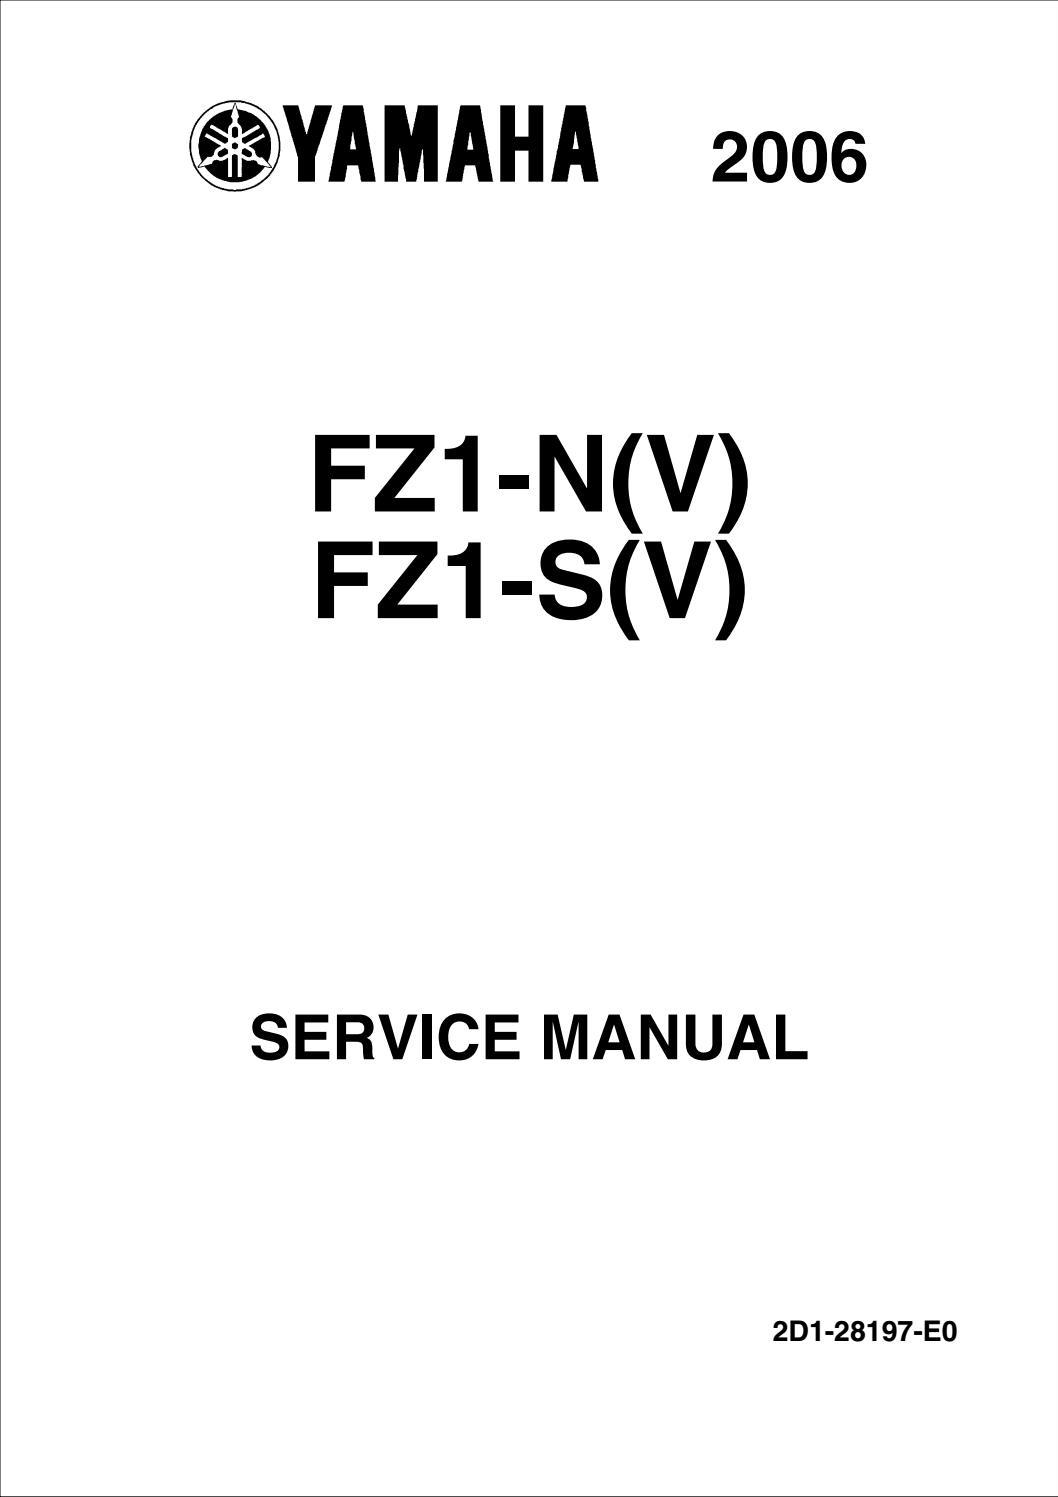 2006 Yamaha FZ1-N(V) FZ1-S(V) Service Repair Manual by